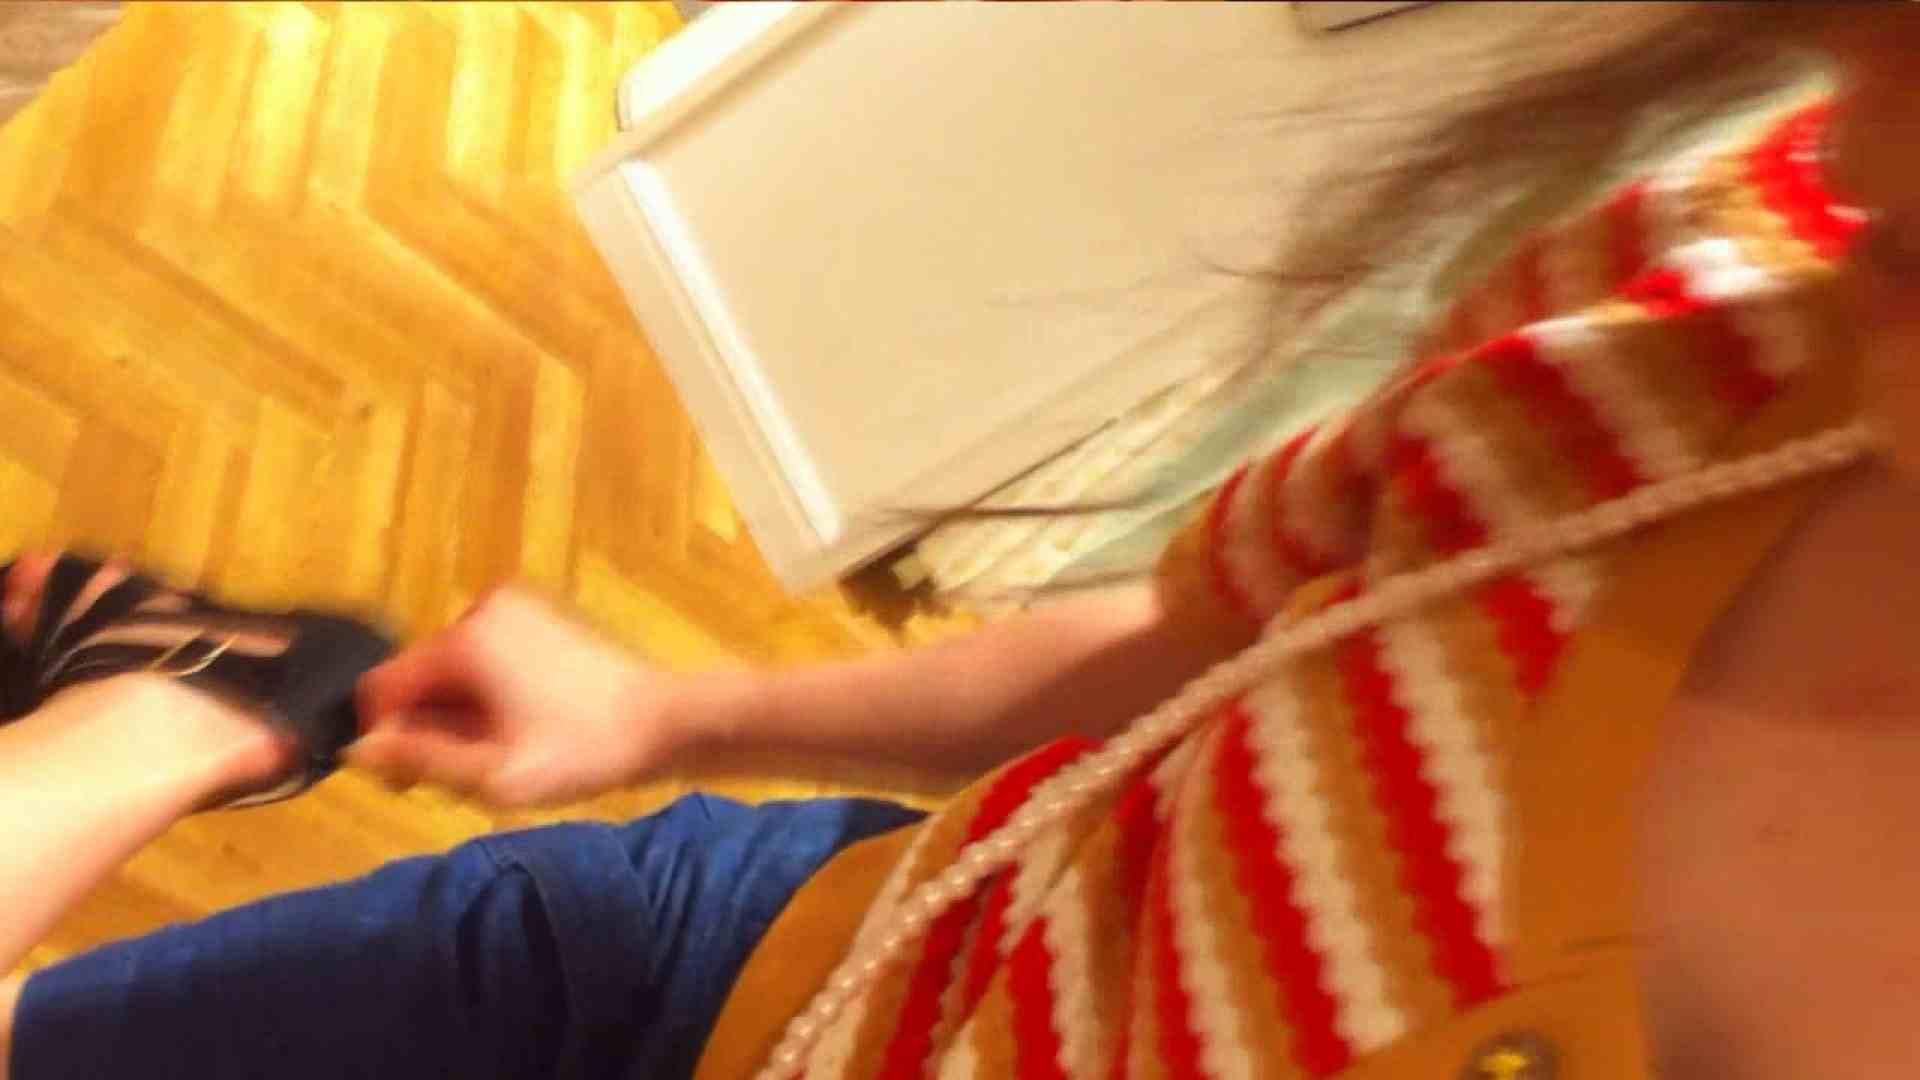 可愛いカリスマ店員限定‼胸チラ&パンチラ vol.12 チラ歓迎 エロ画像 103pic 39